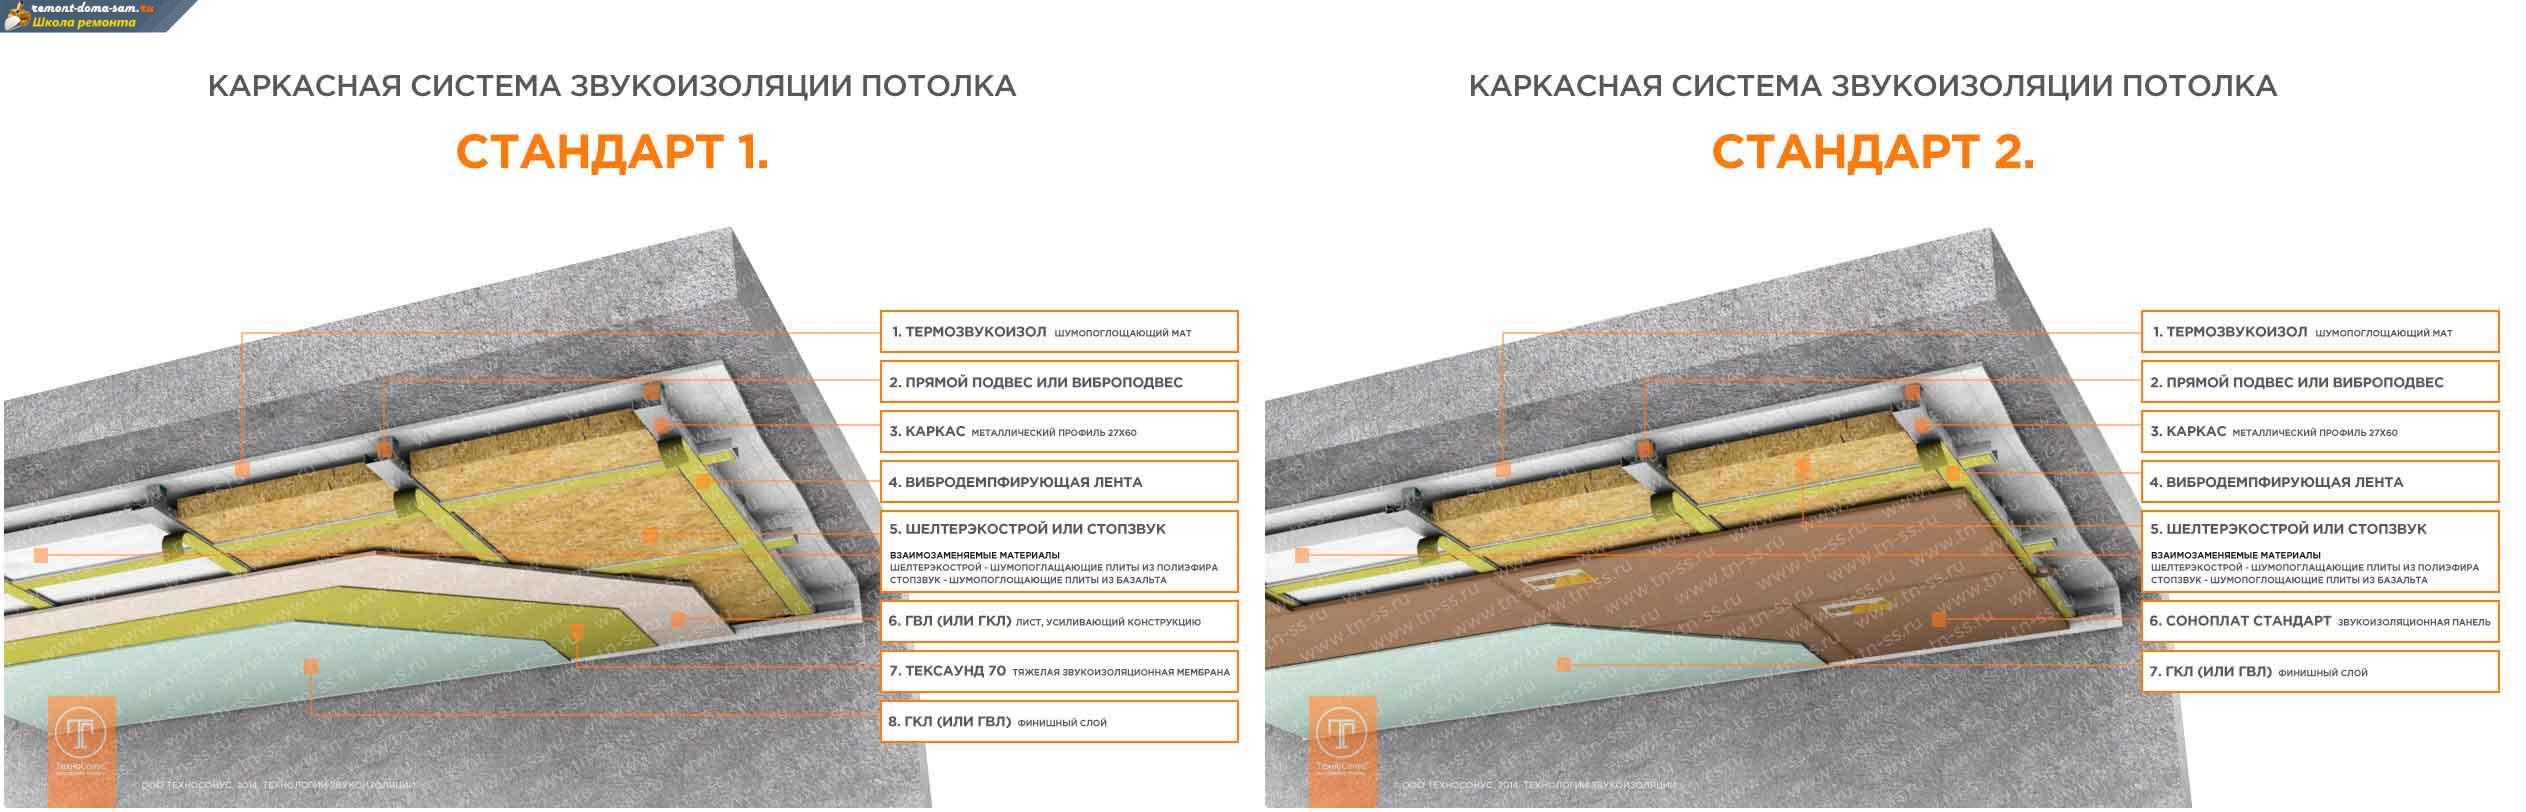 способы теплоизоляции потолка